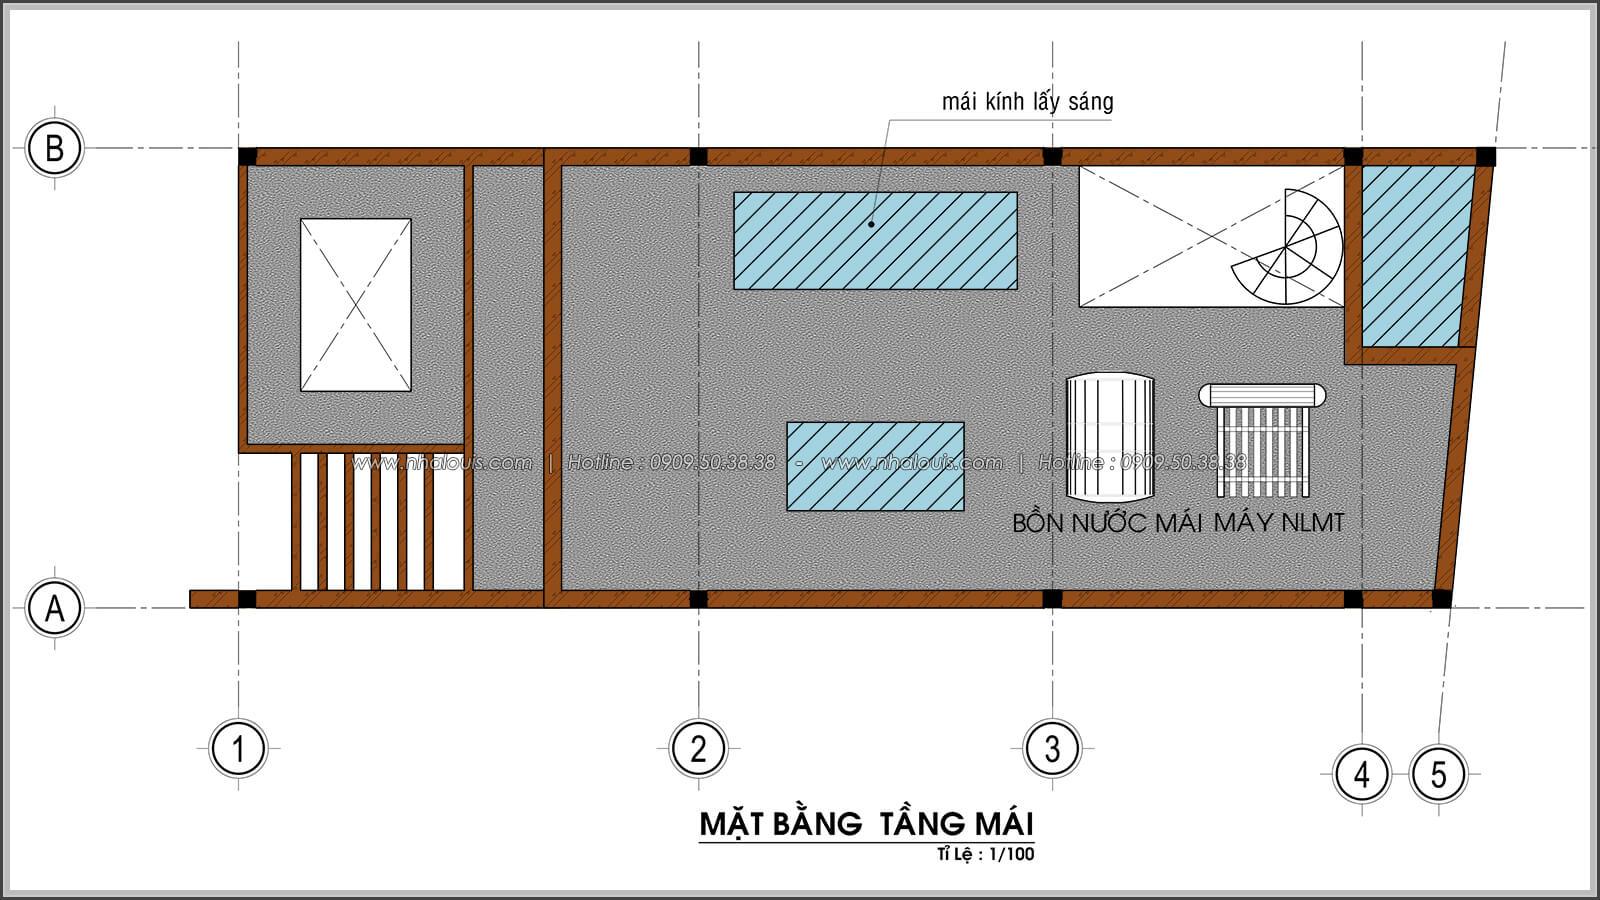 Mặt bằng mái thiết kế nhà ống mặt tiền 5m có gara ô tô tại Tân Bình - 08